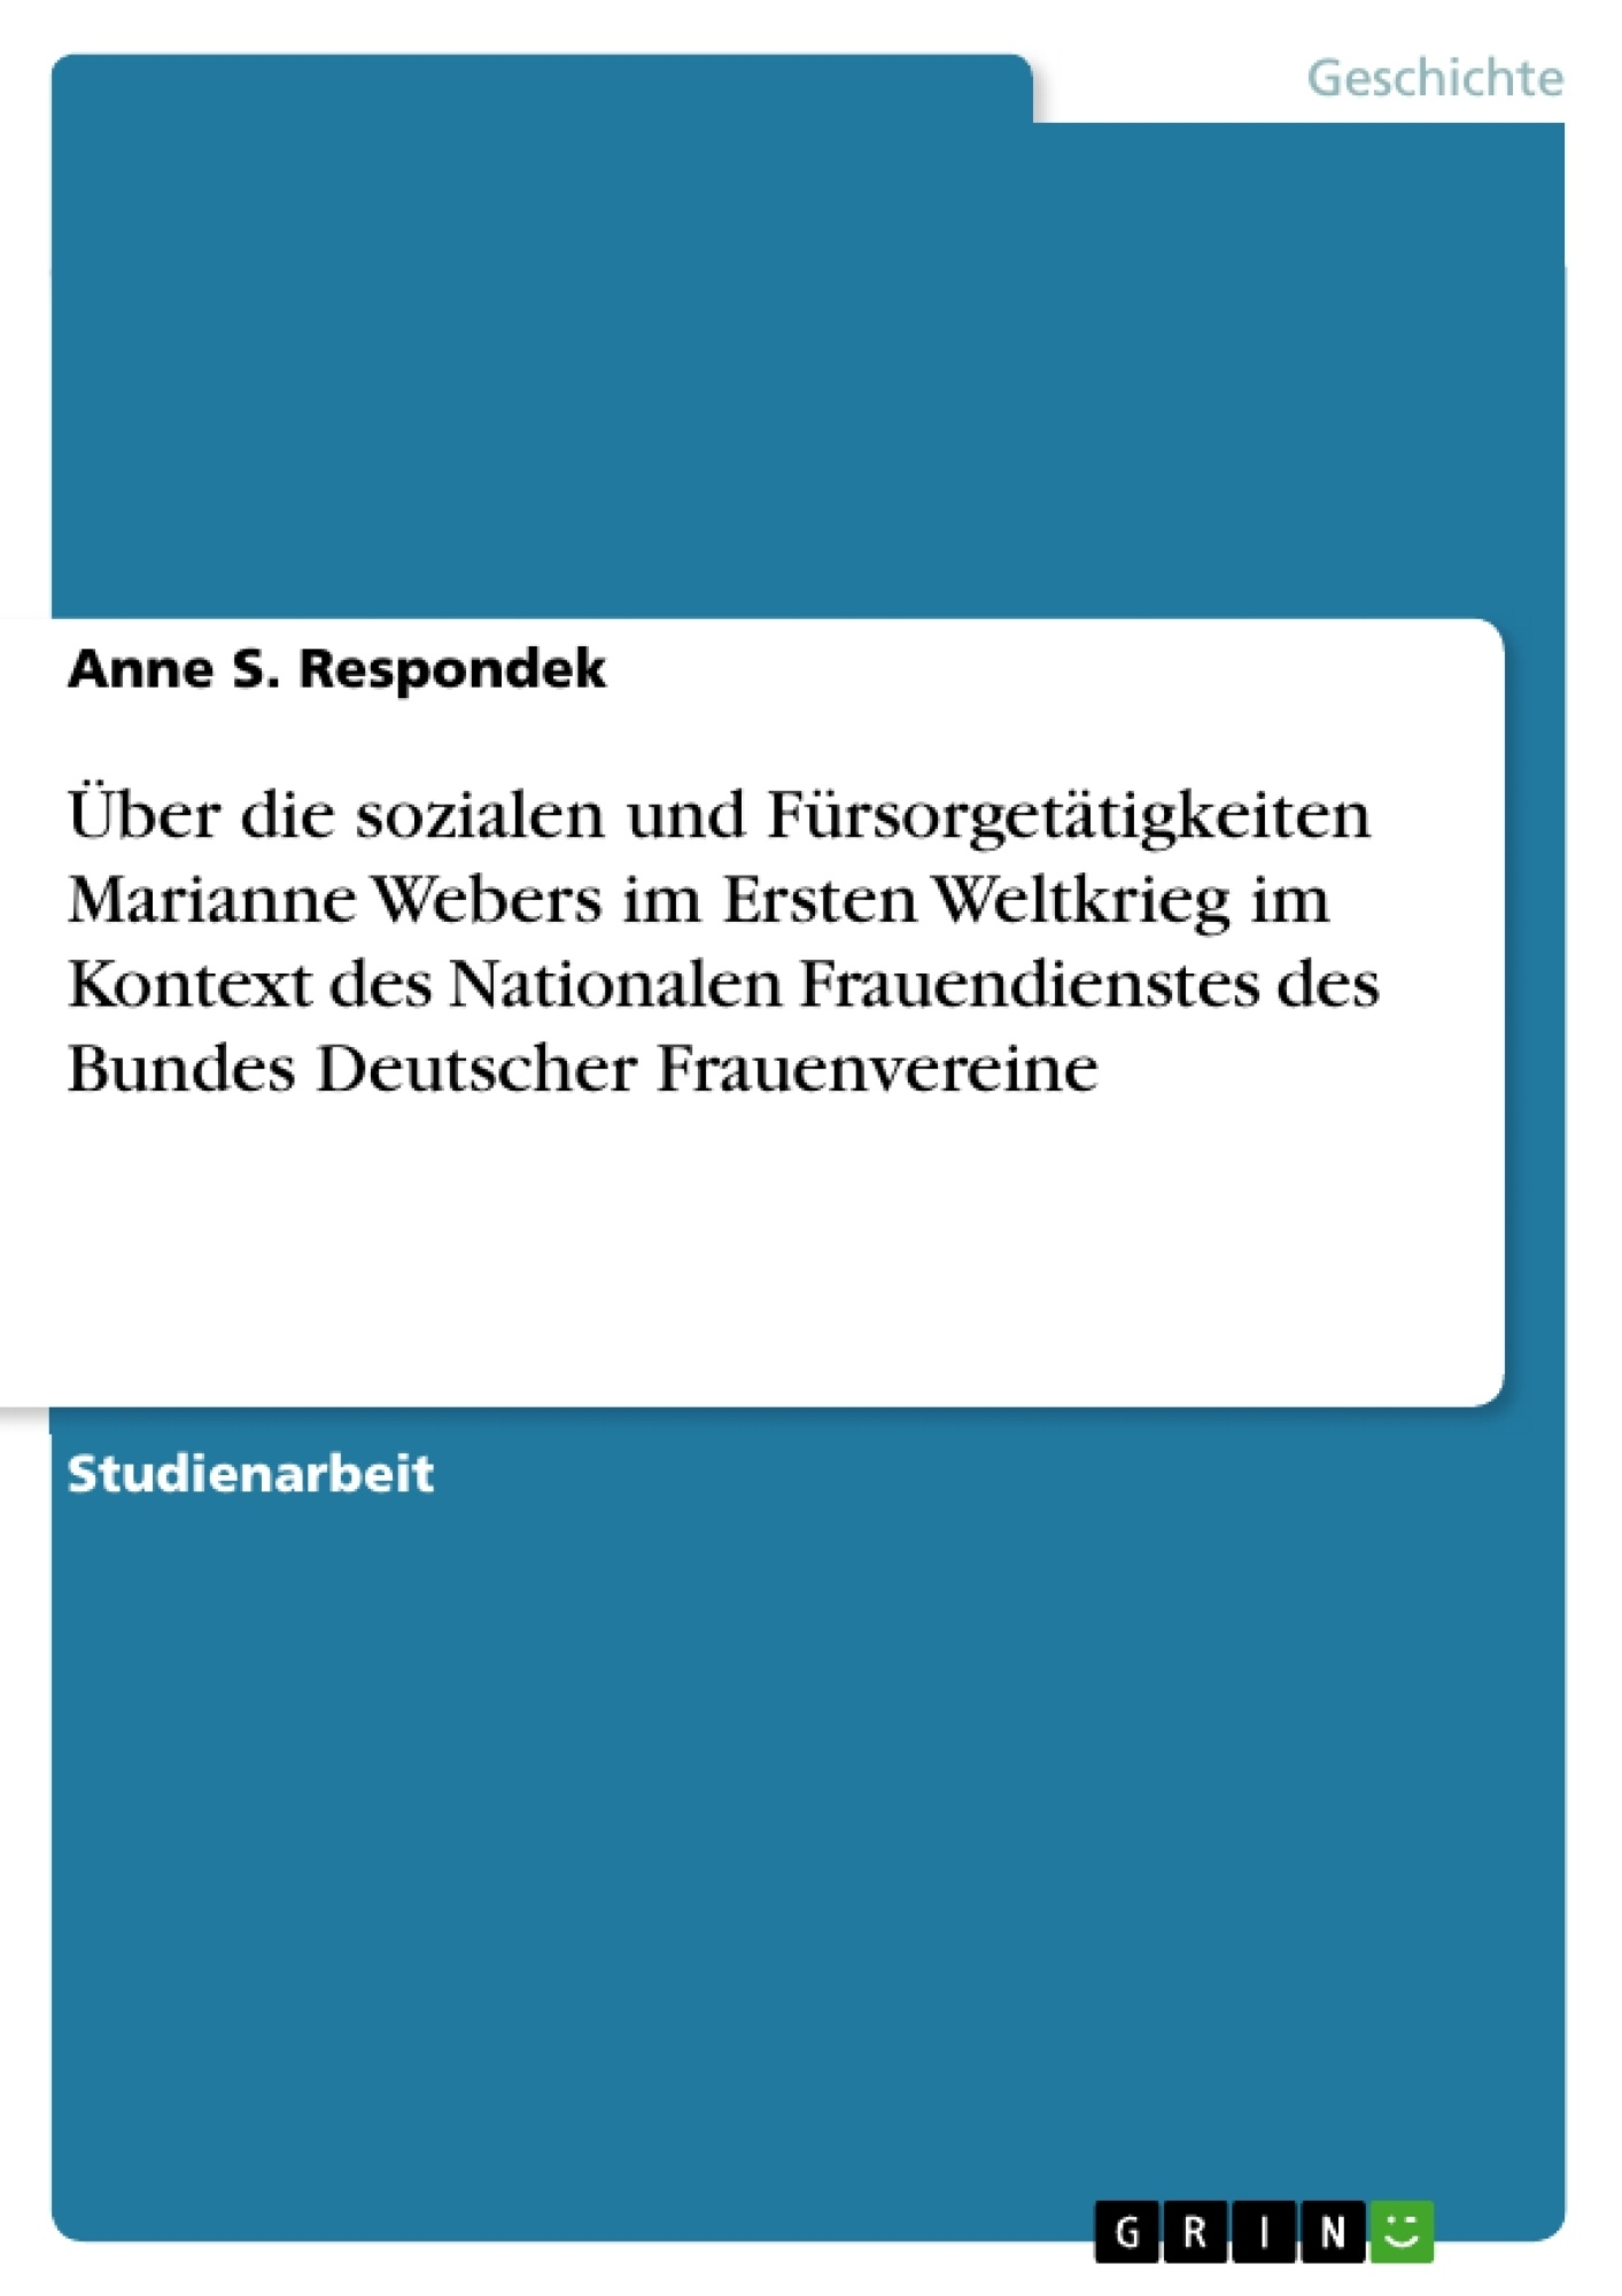 Titel: Über die sozialen und Fürsorgetätigkeiten Marianne Webers im Ersten Weltkrieg im Kontext des Nationalen Frauendienstes des Bundes Deutscher Frauenvereine